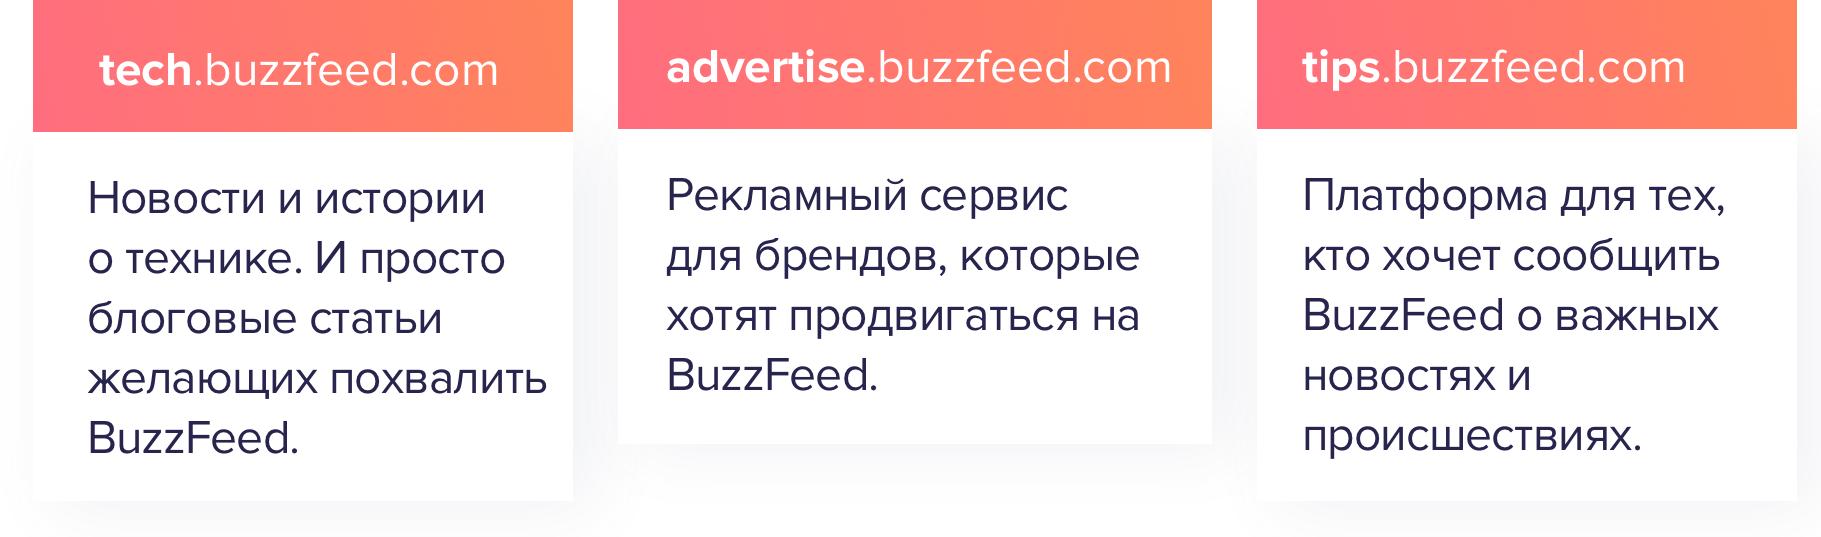 BuzzFeed выносит на поддомены контент разного типа